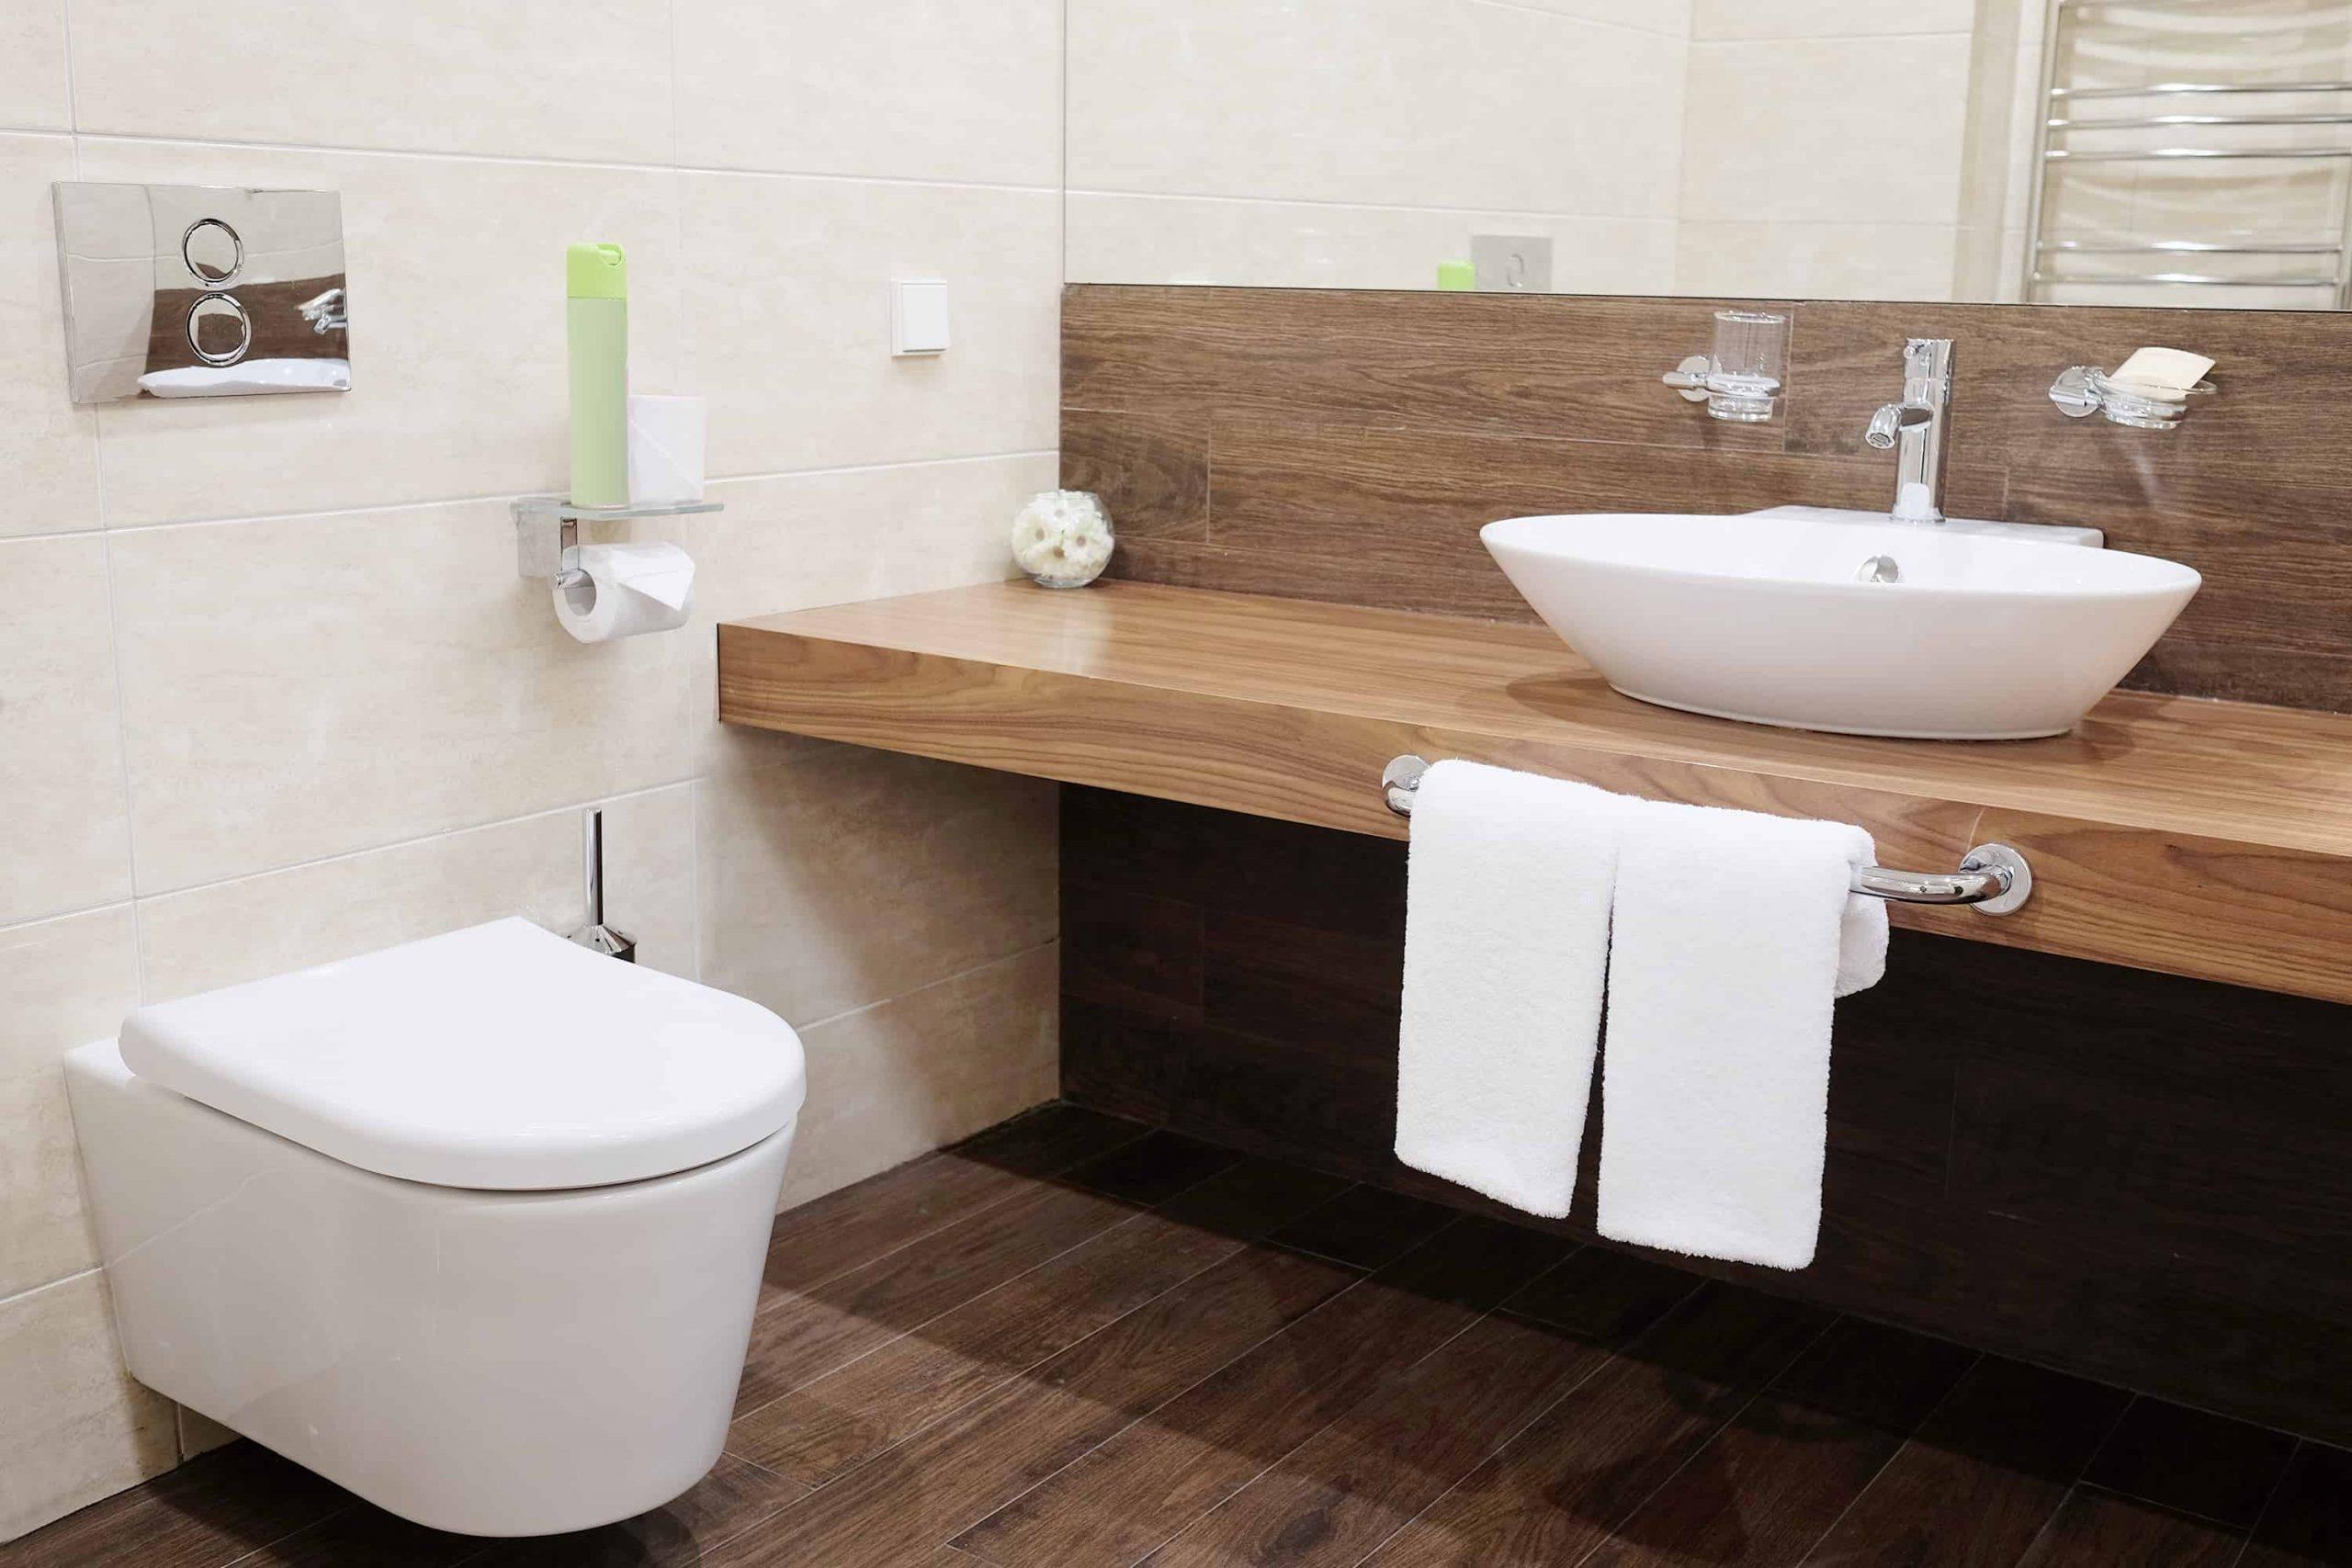 Full Size of Dusch Wc Test Duschtoilette Empfehlungen 04 20 Einrichtungsradar Aufsatz Hsk Duschen Begehbare Dusche Duschsäulen Fliesen Thermostat 80x80 Anal Dusche Dusch Wc Test